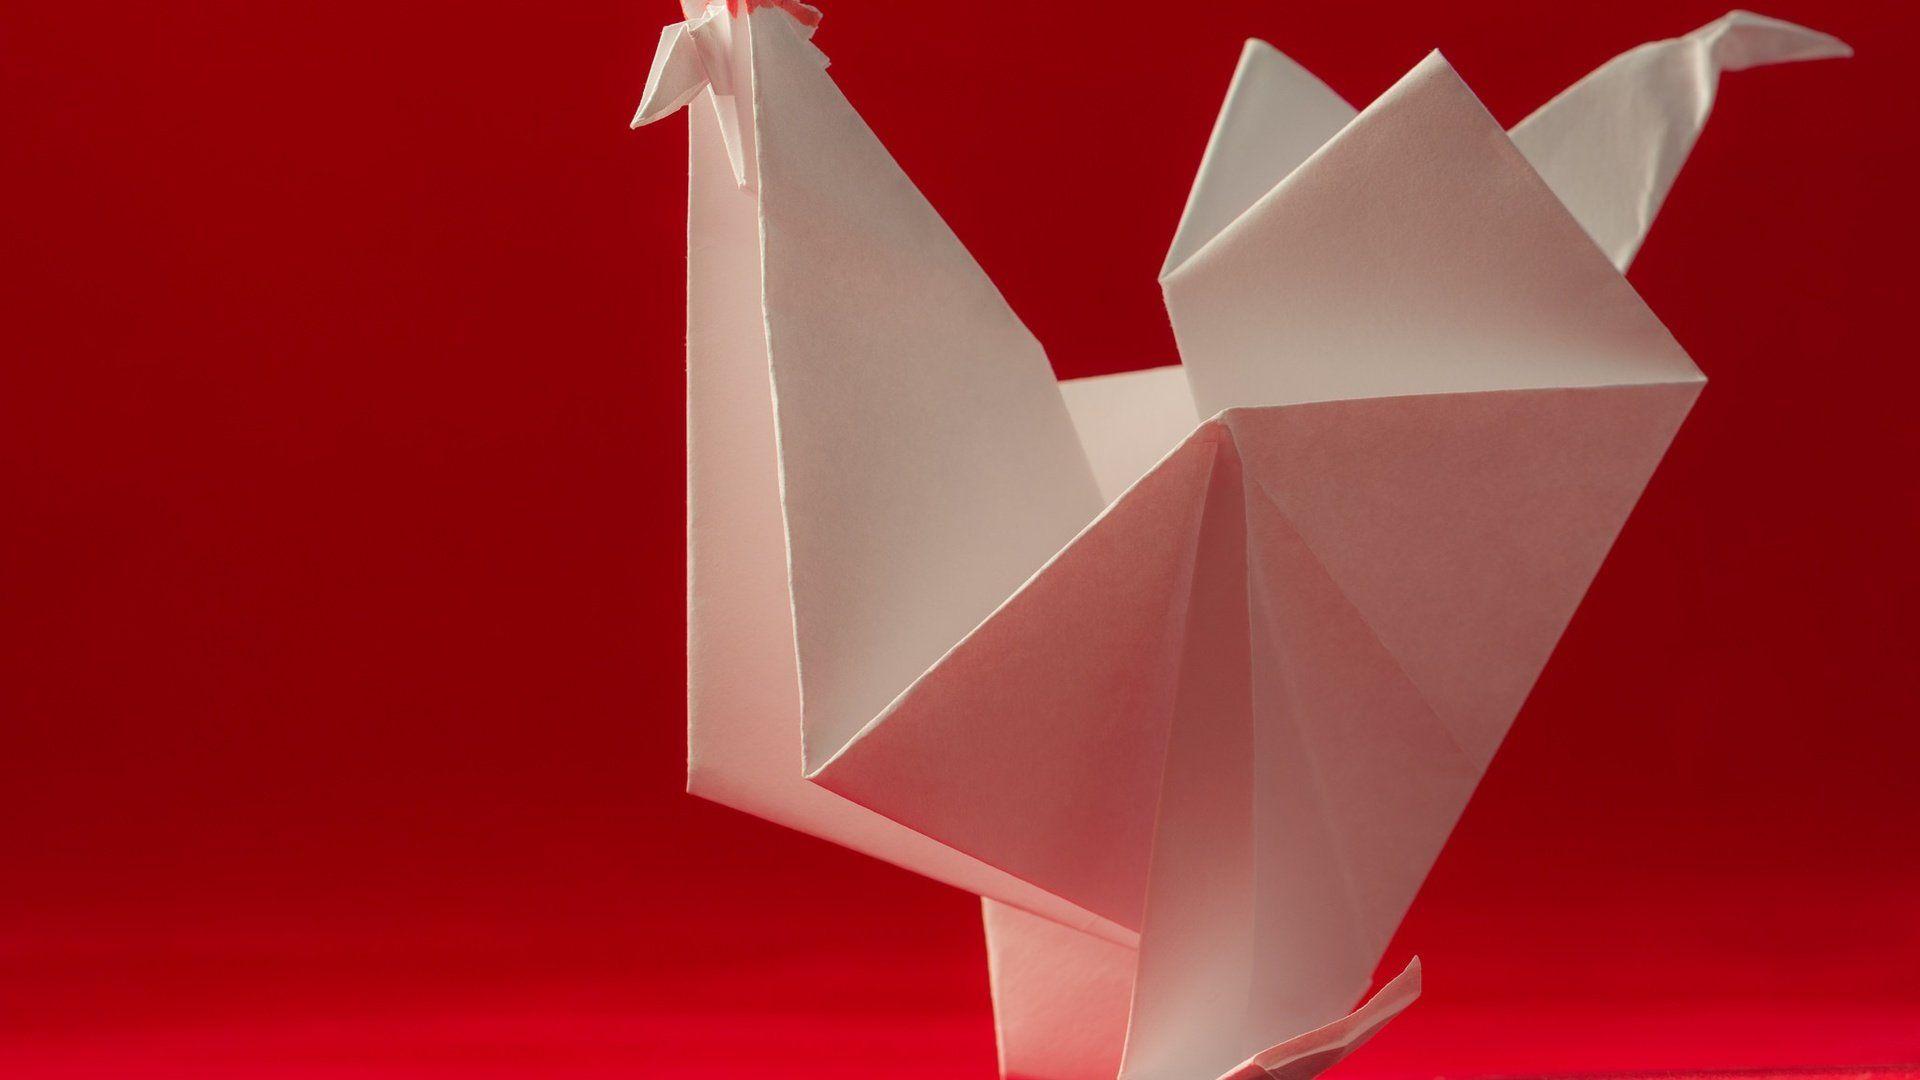 Origami full hd wallpaper download